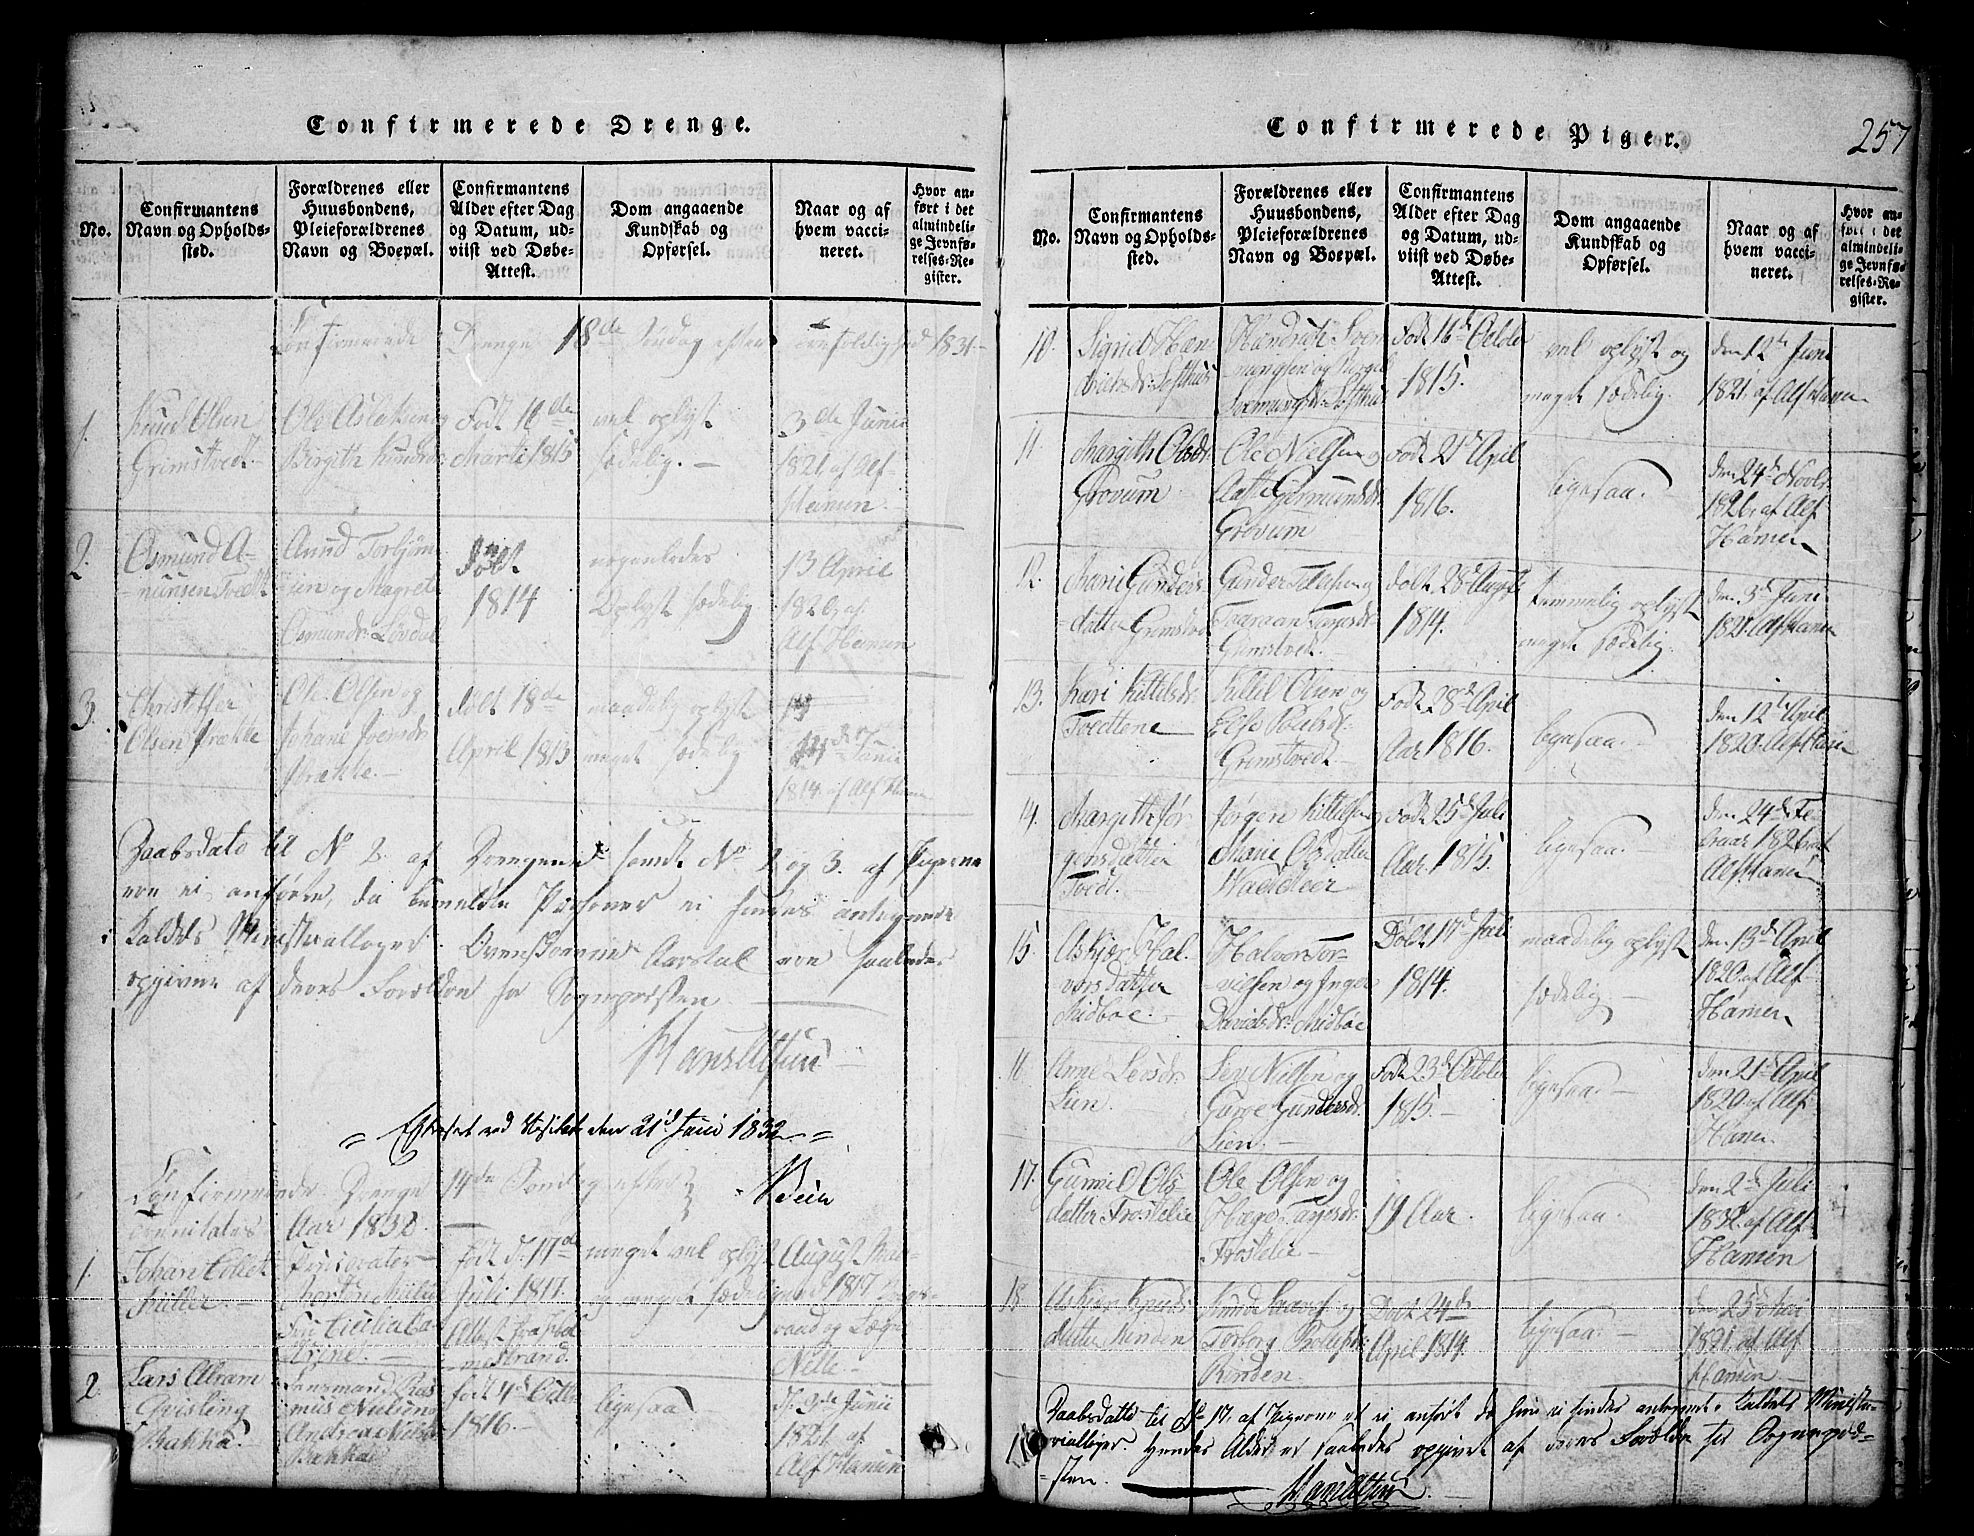 SAKO, Nissedal kirkebøker, G/Ga/L0001: Klokkerbok nr. I 1, 1814-1860, s. 257